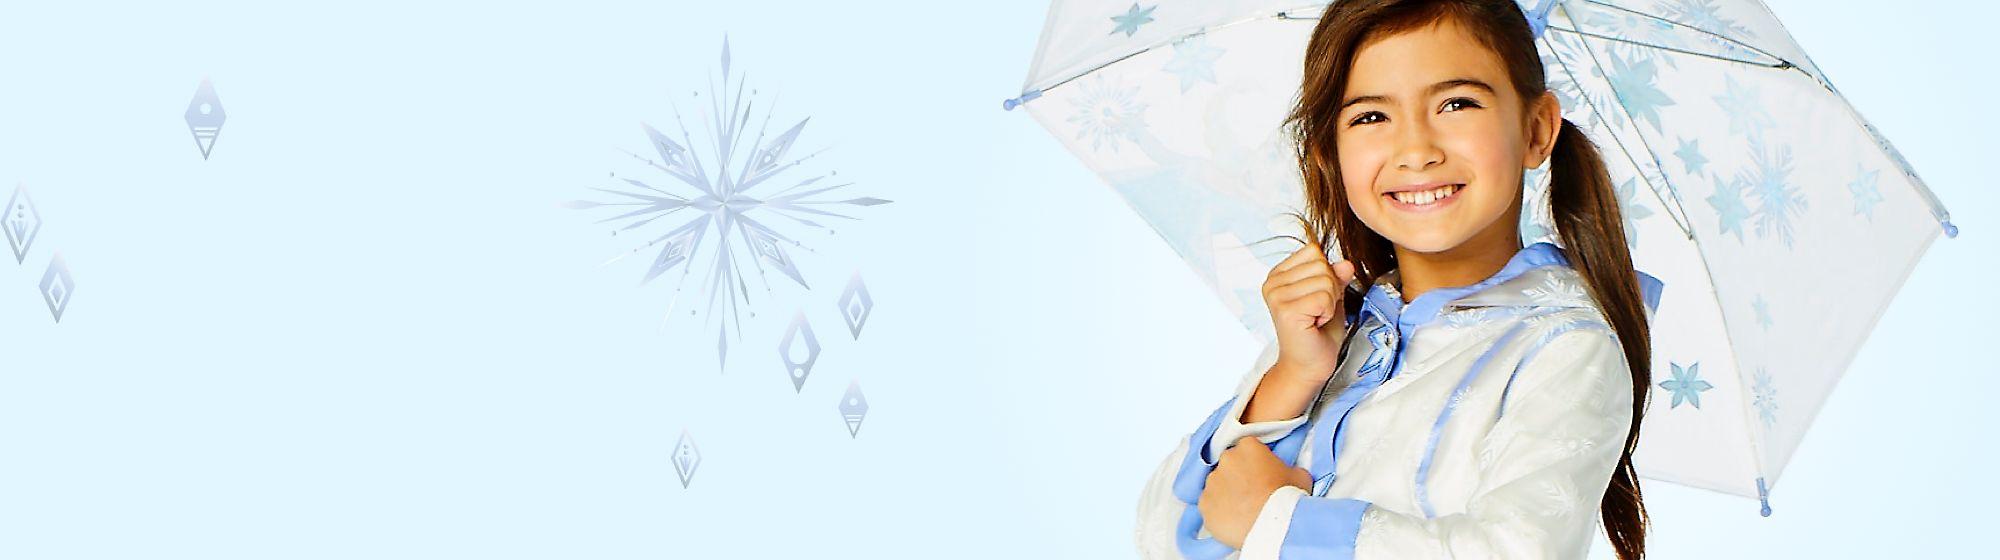 Bekleidung von  Die Eiskönigin 2 Entdecke unsere fabelhafte Kollektion an Bekleidung von Die Eiskönigin. Elsa und Anna begleiten dich auf T-Shirts, Kleidern und Röcken und erinnern dich an den romantischen Winter